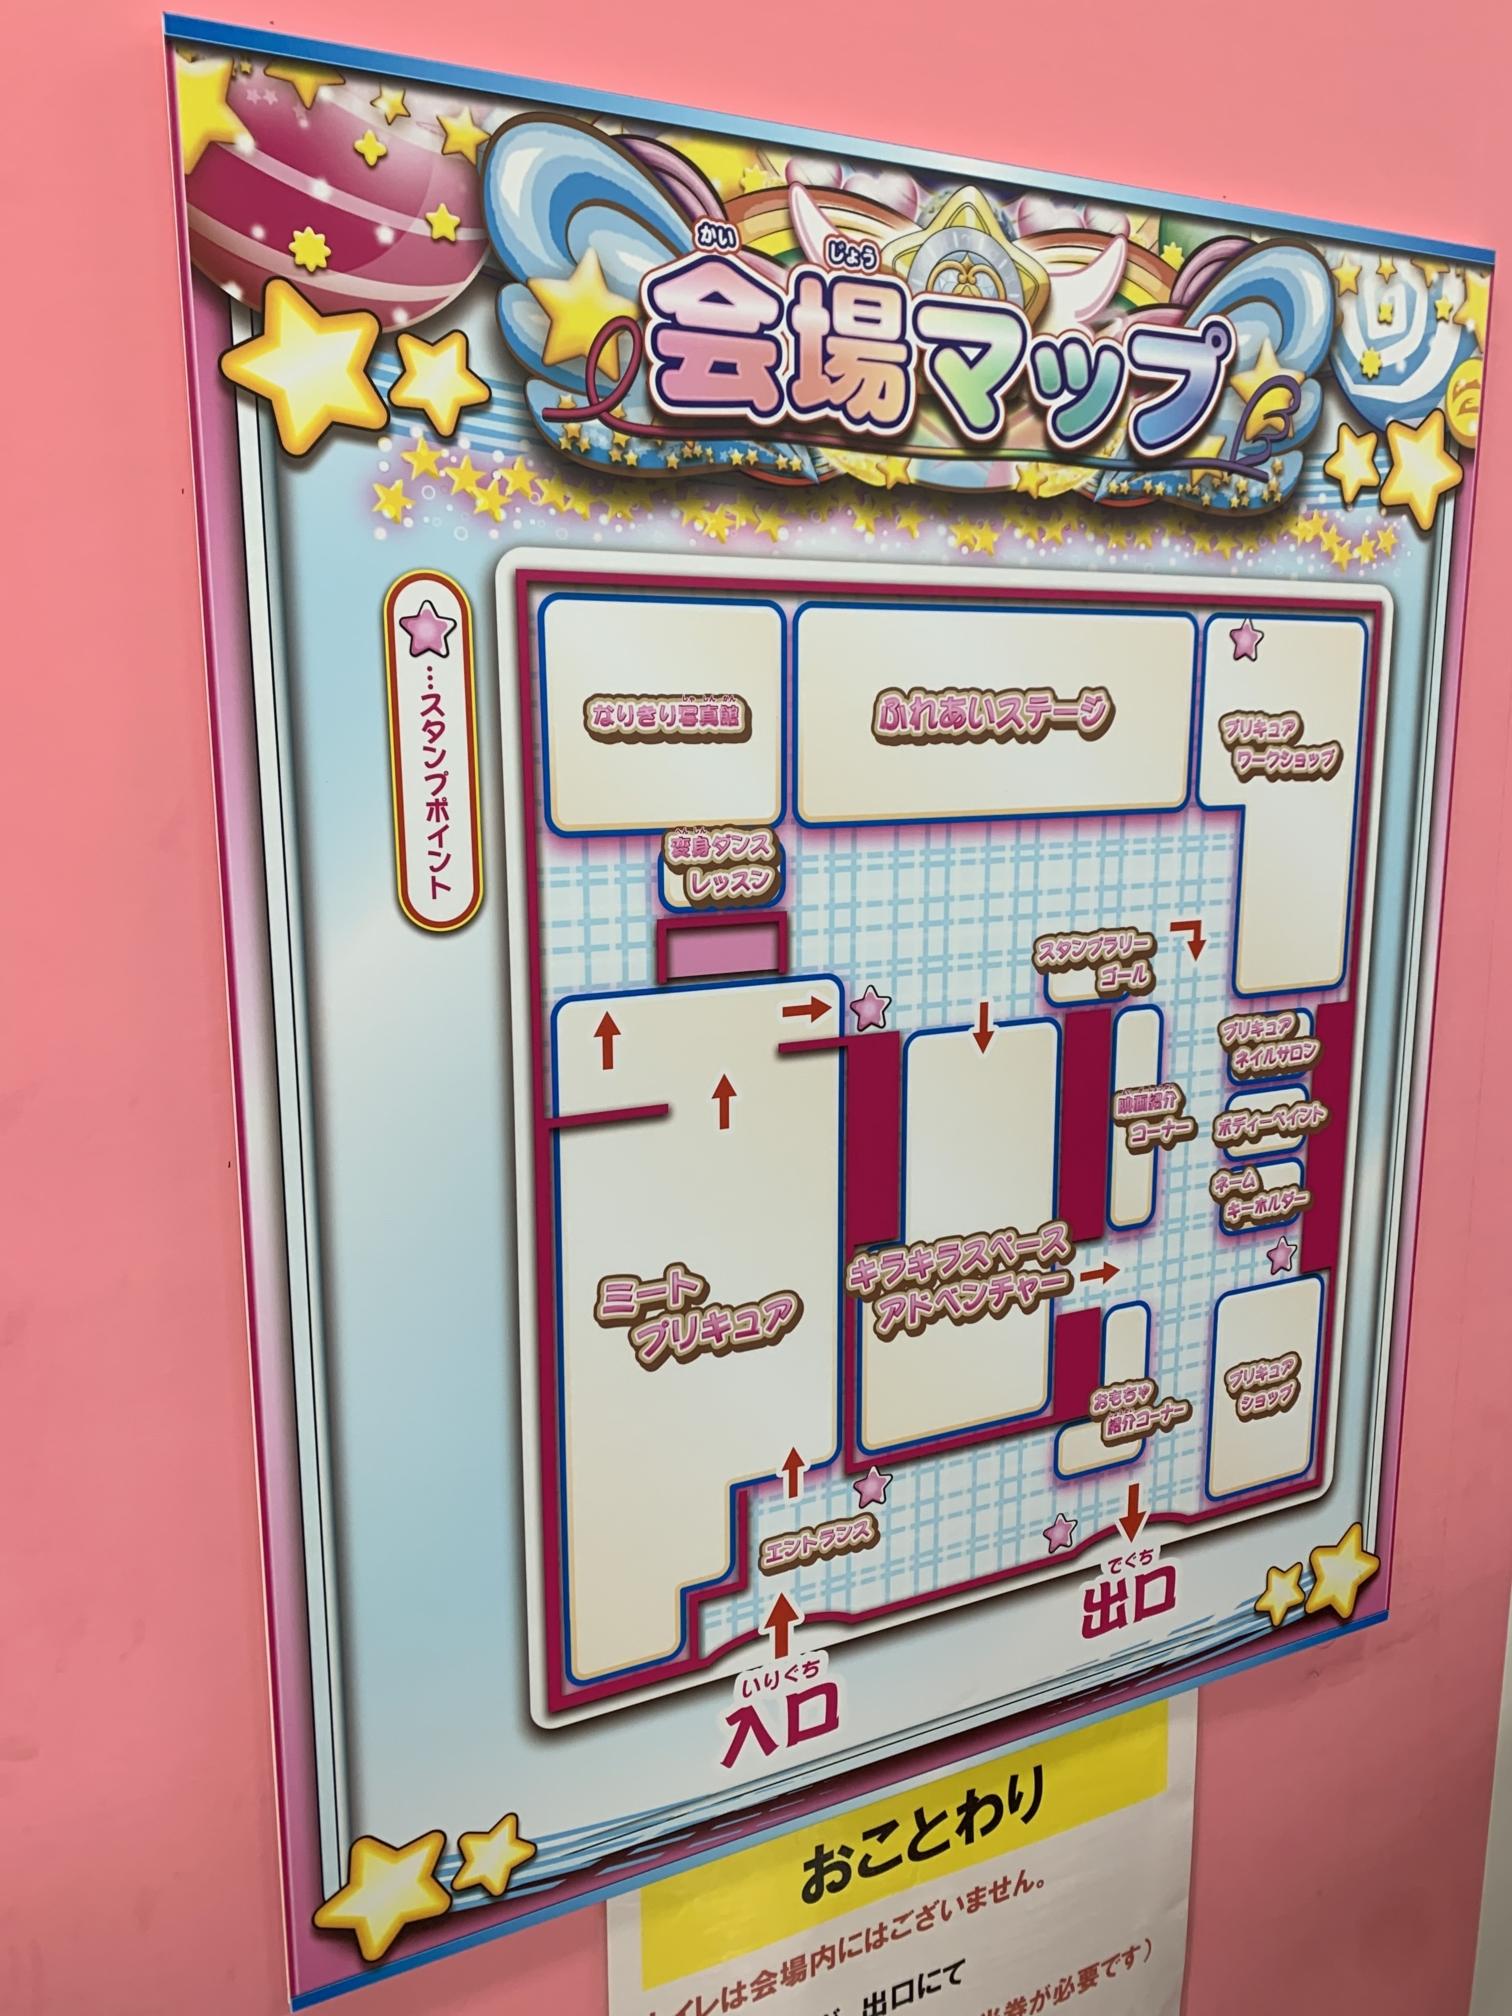 スター☆トゥインクルプリキュア おほしSUMMERバケーションの会場マップ